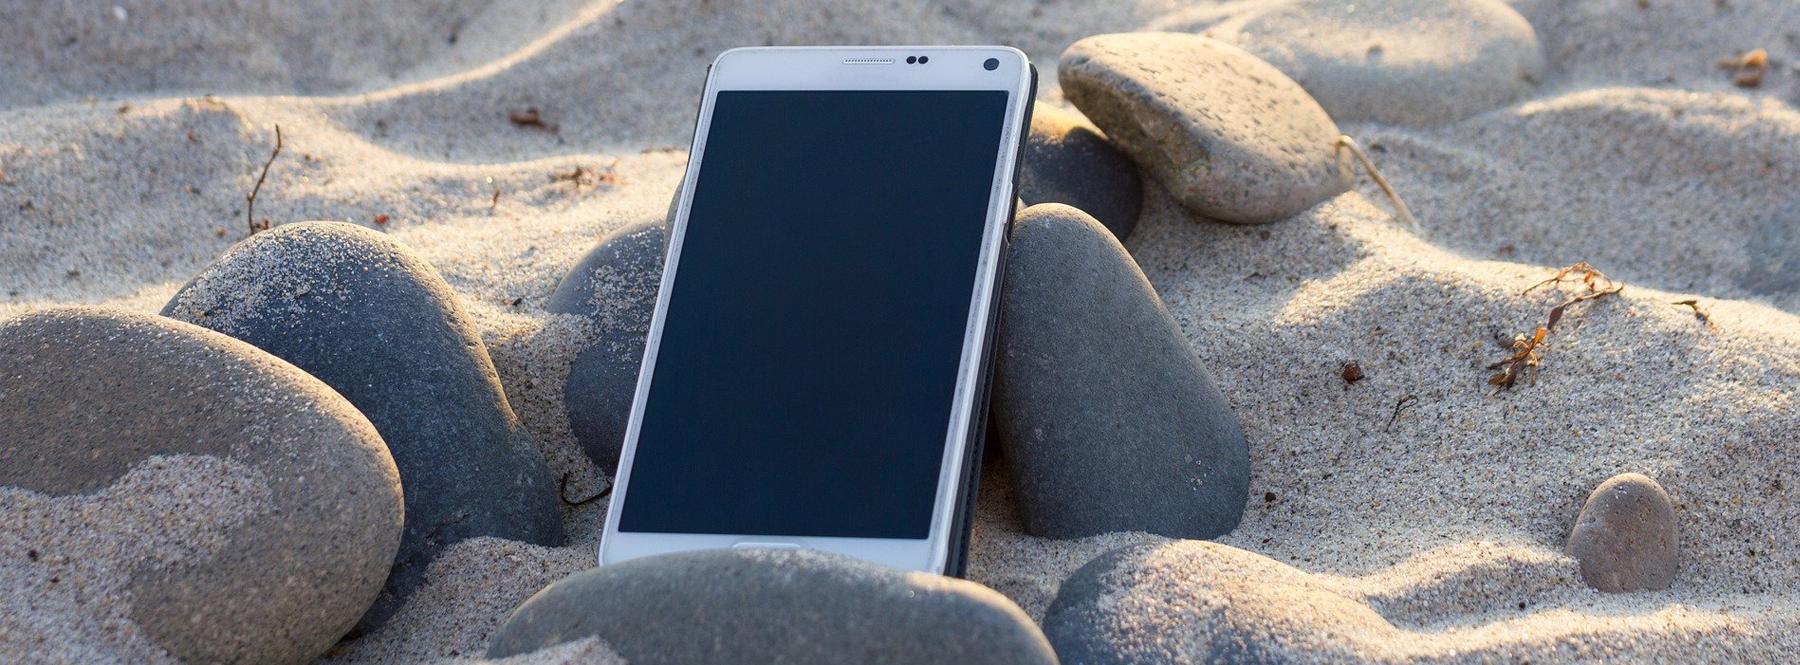 ¿Pierdes o te roban el móvil? Esta web te ayuda a encontrarlo